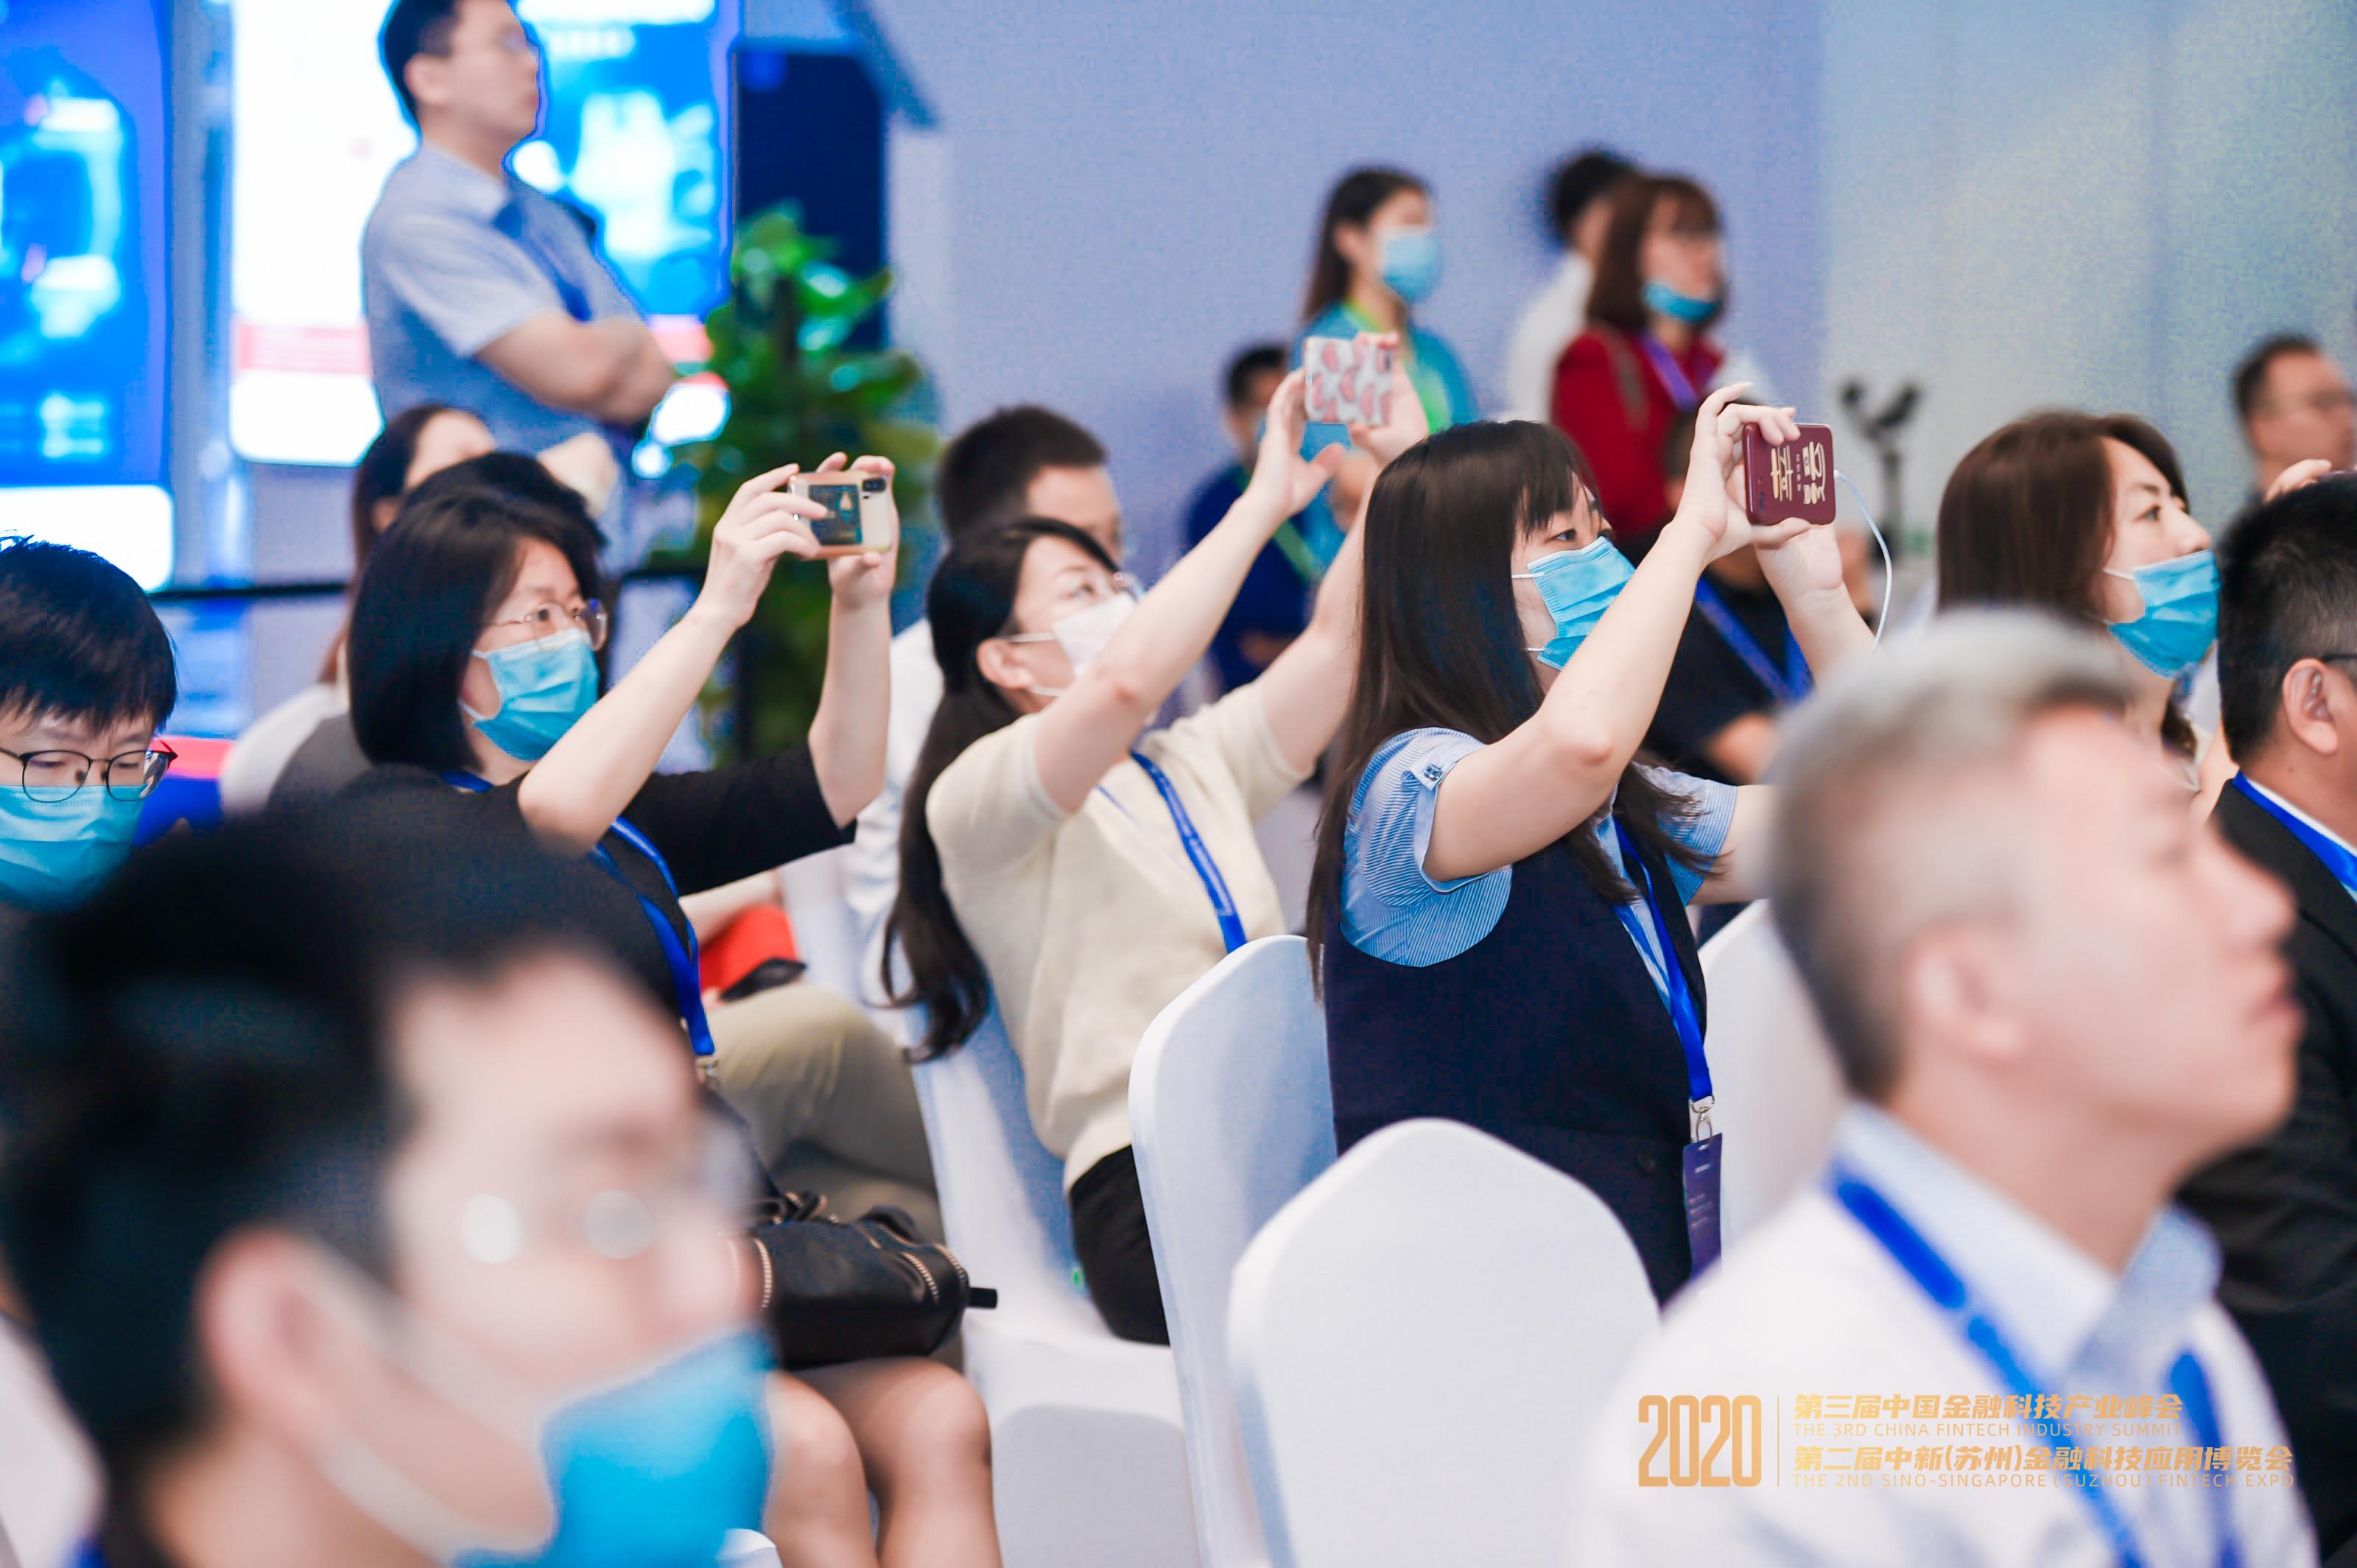 衡泰软件薛奋飞:中小银行FICC业务转型 数字化建设是关键︱2020金科会